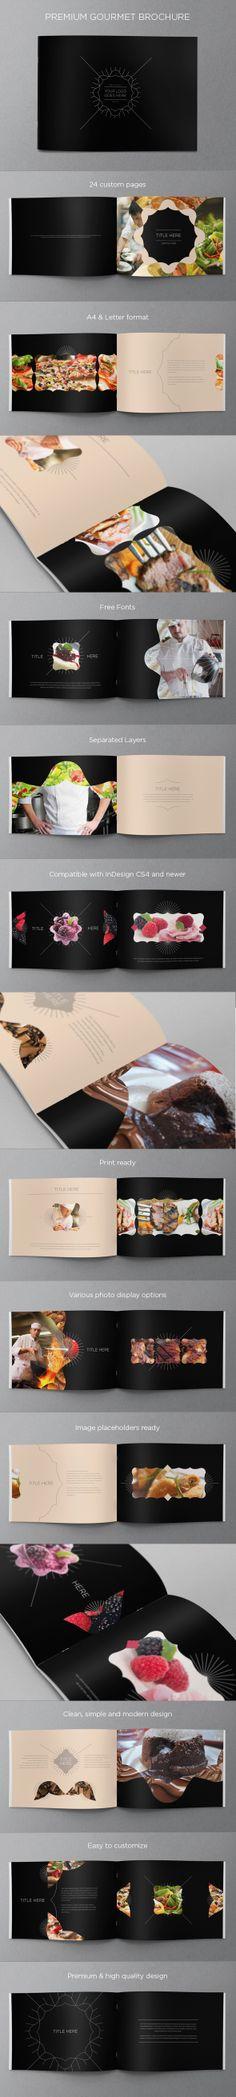 Premium Gourmet Brochure. Download here: http://graphicriver.net/item/premium-gourmet-brochure/5012550?ref=abradesign #design #brochure